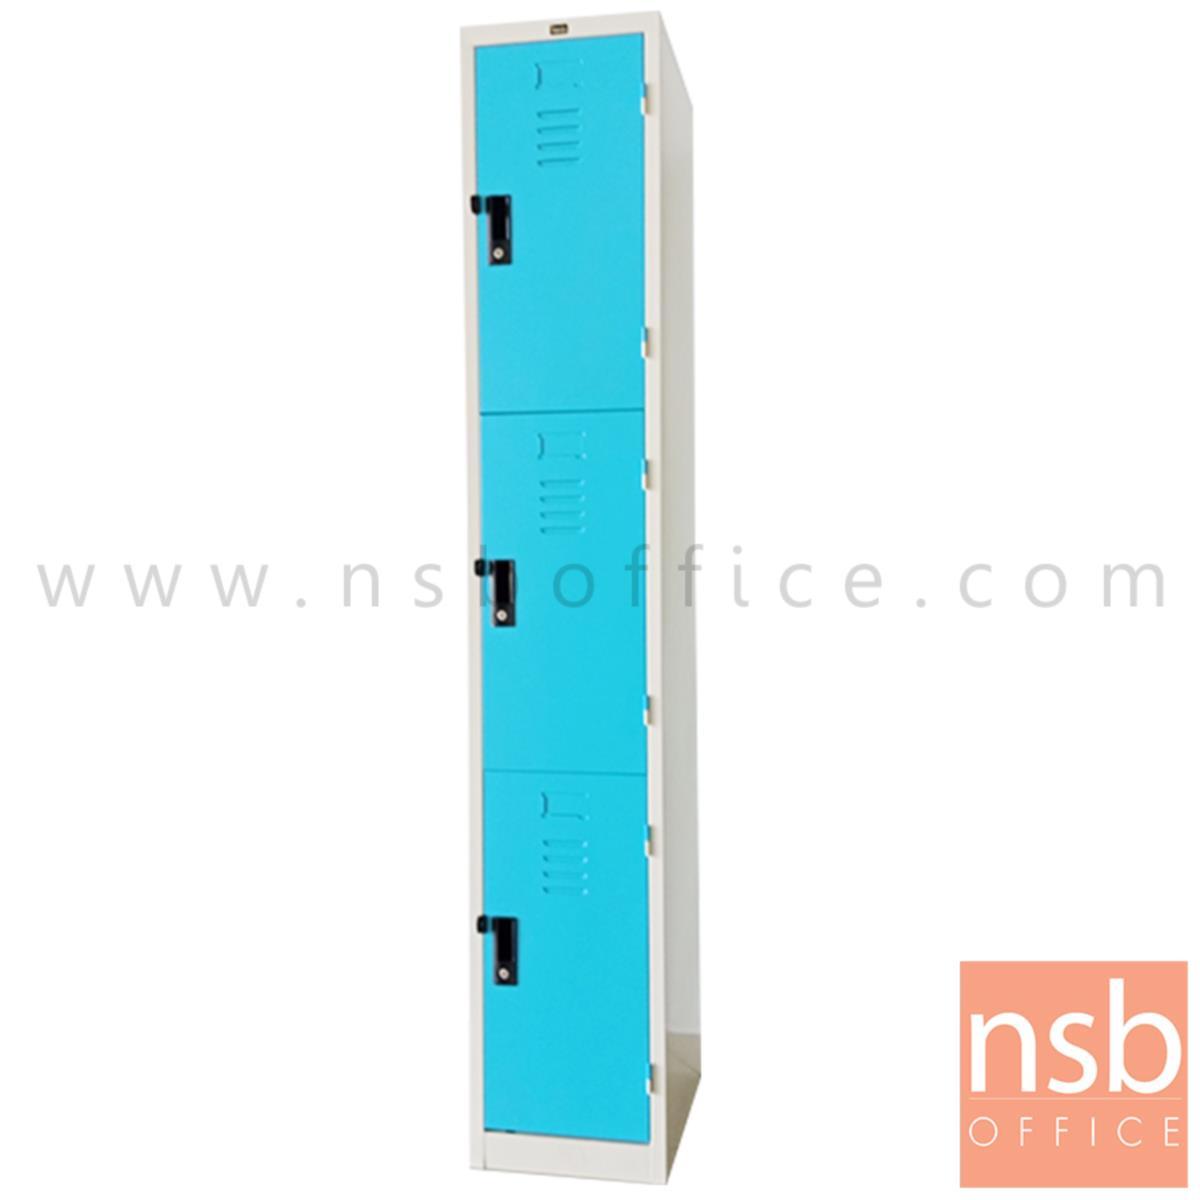 ตู้ล็อคเกอร์ 3 ประตู รุ่น Belfast (เบลฟาสต์)  มีกุญแจล็อค